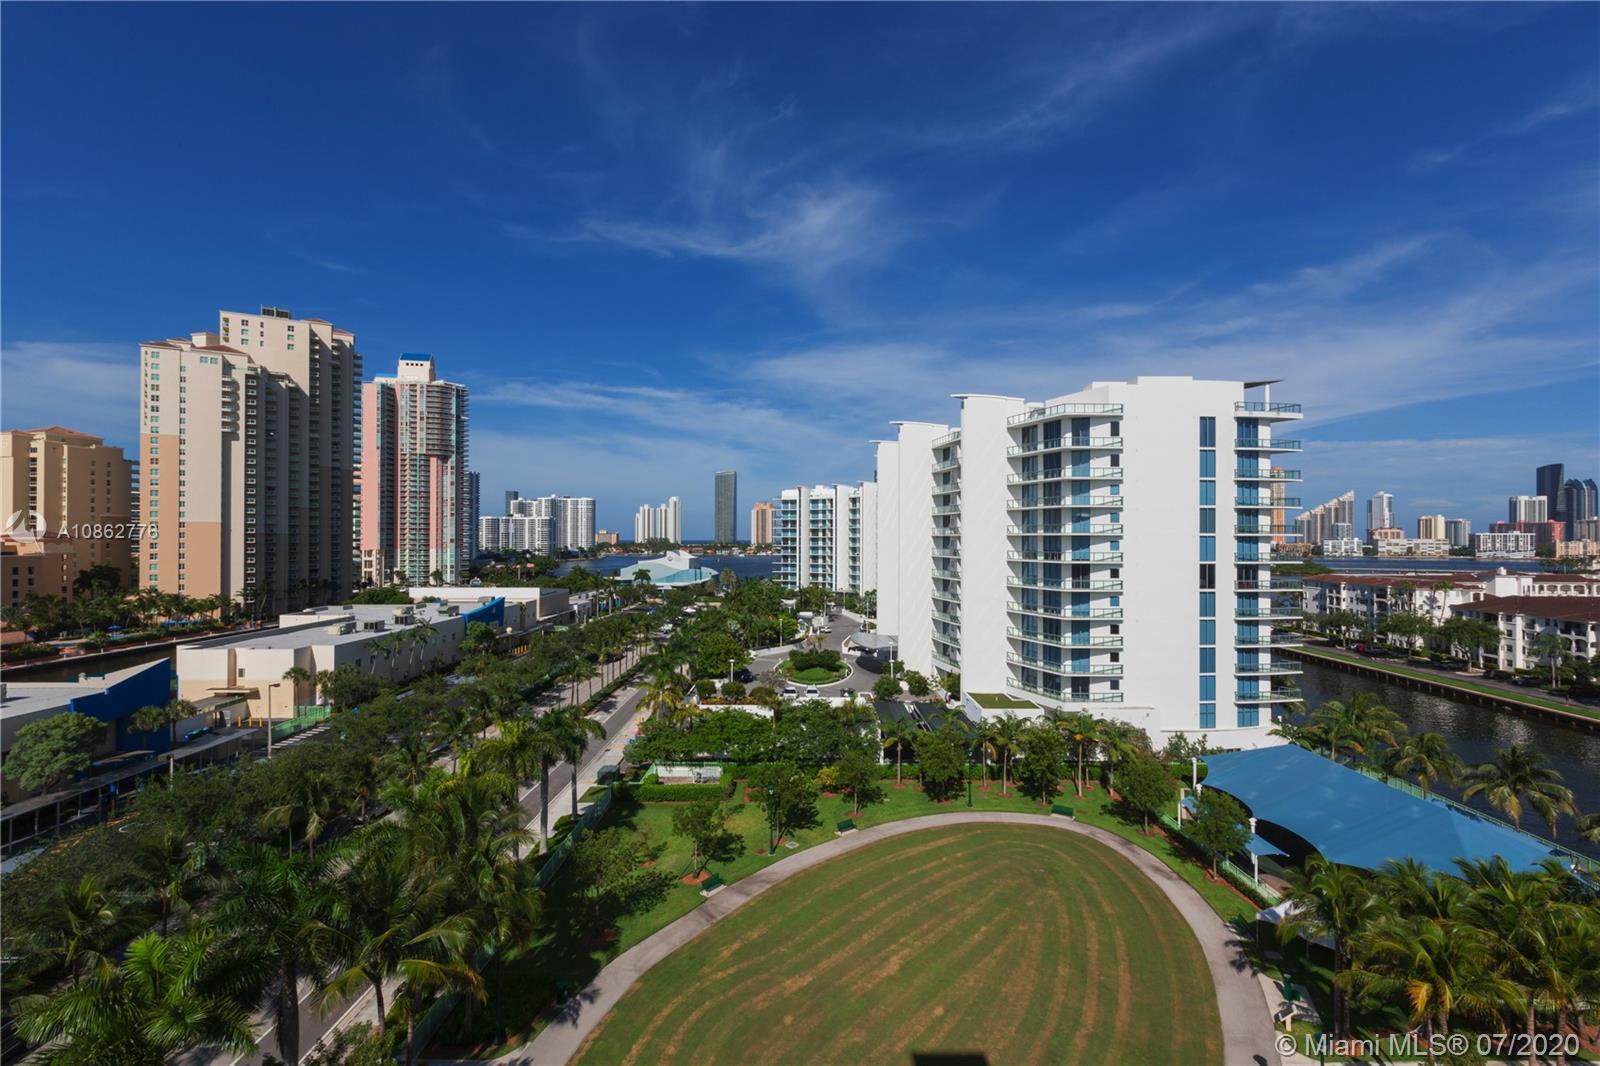 3030 NE 188th St #701, Aventura, FL 33180 - Aventura, FL real estate listing